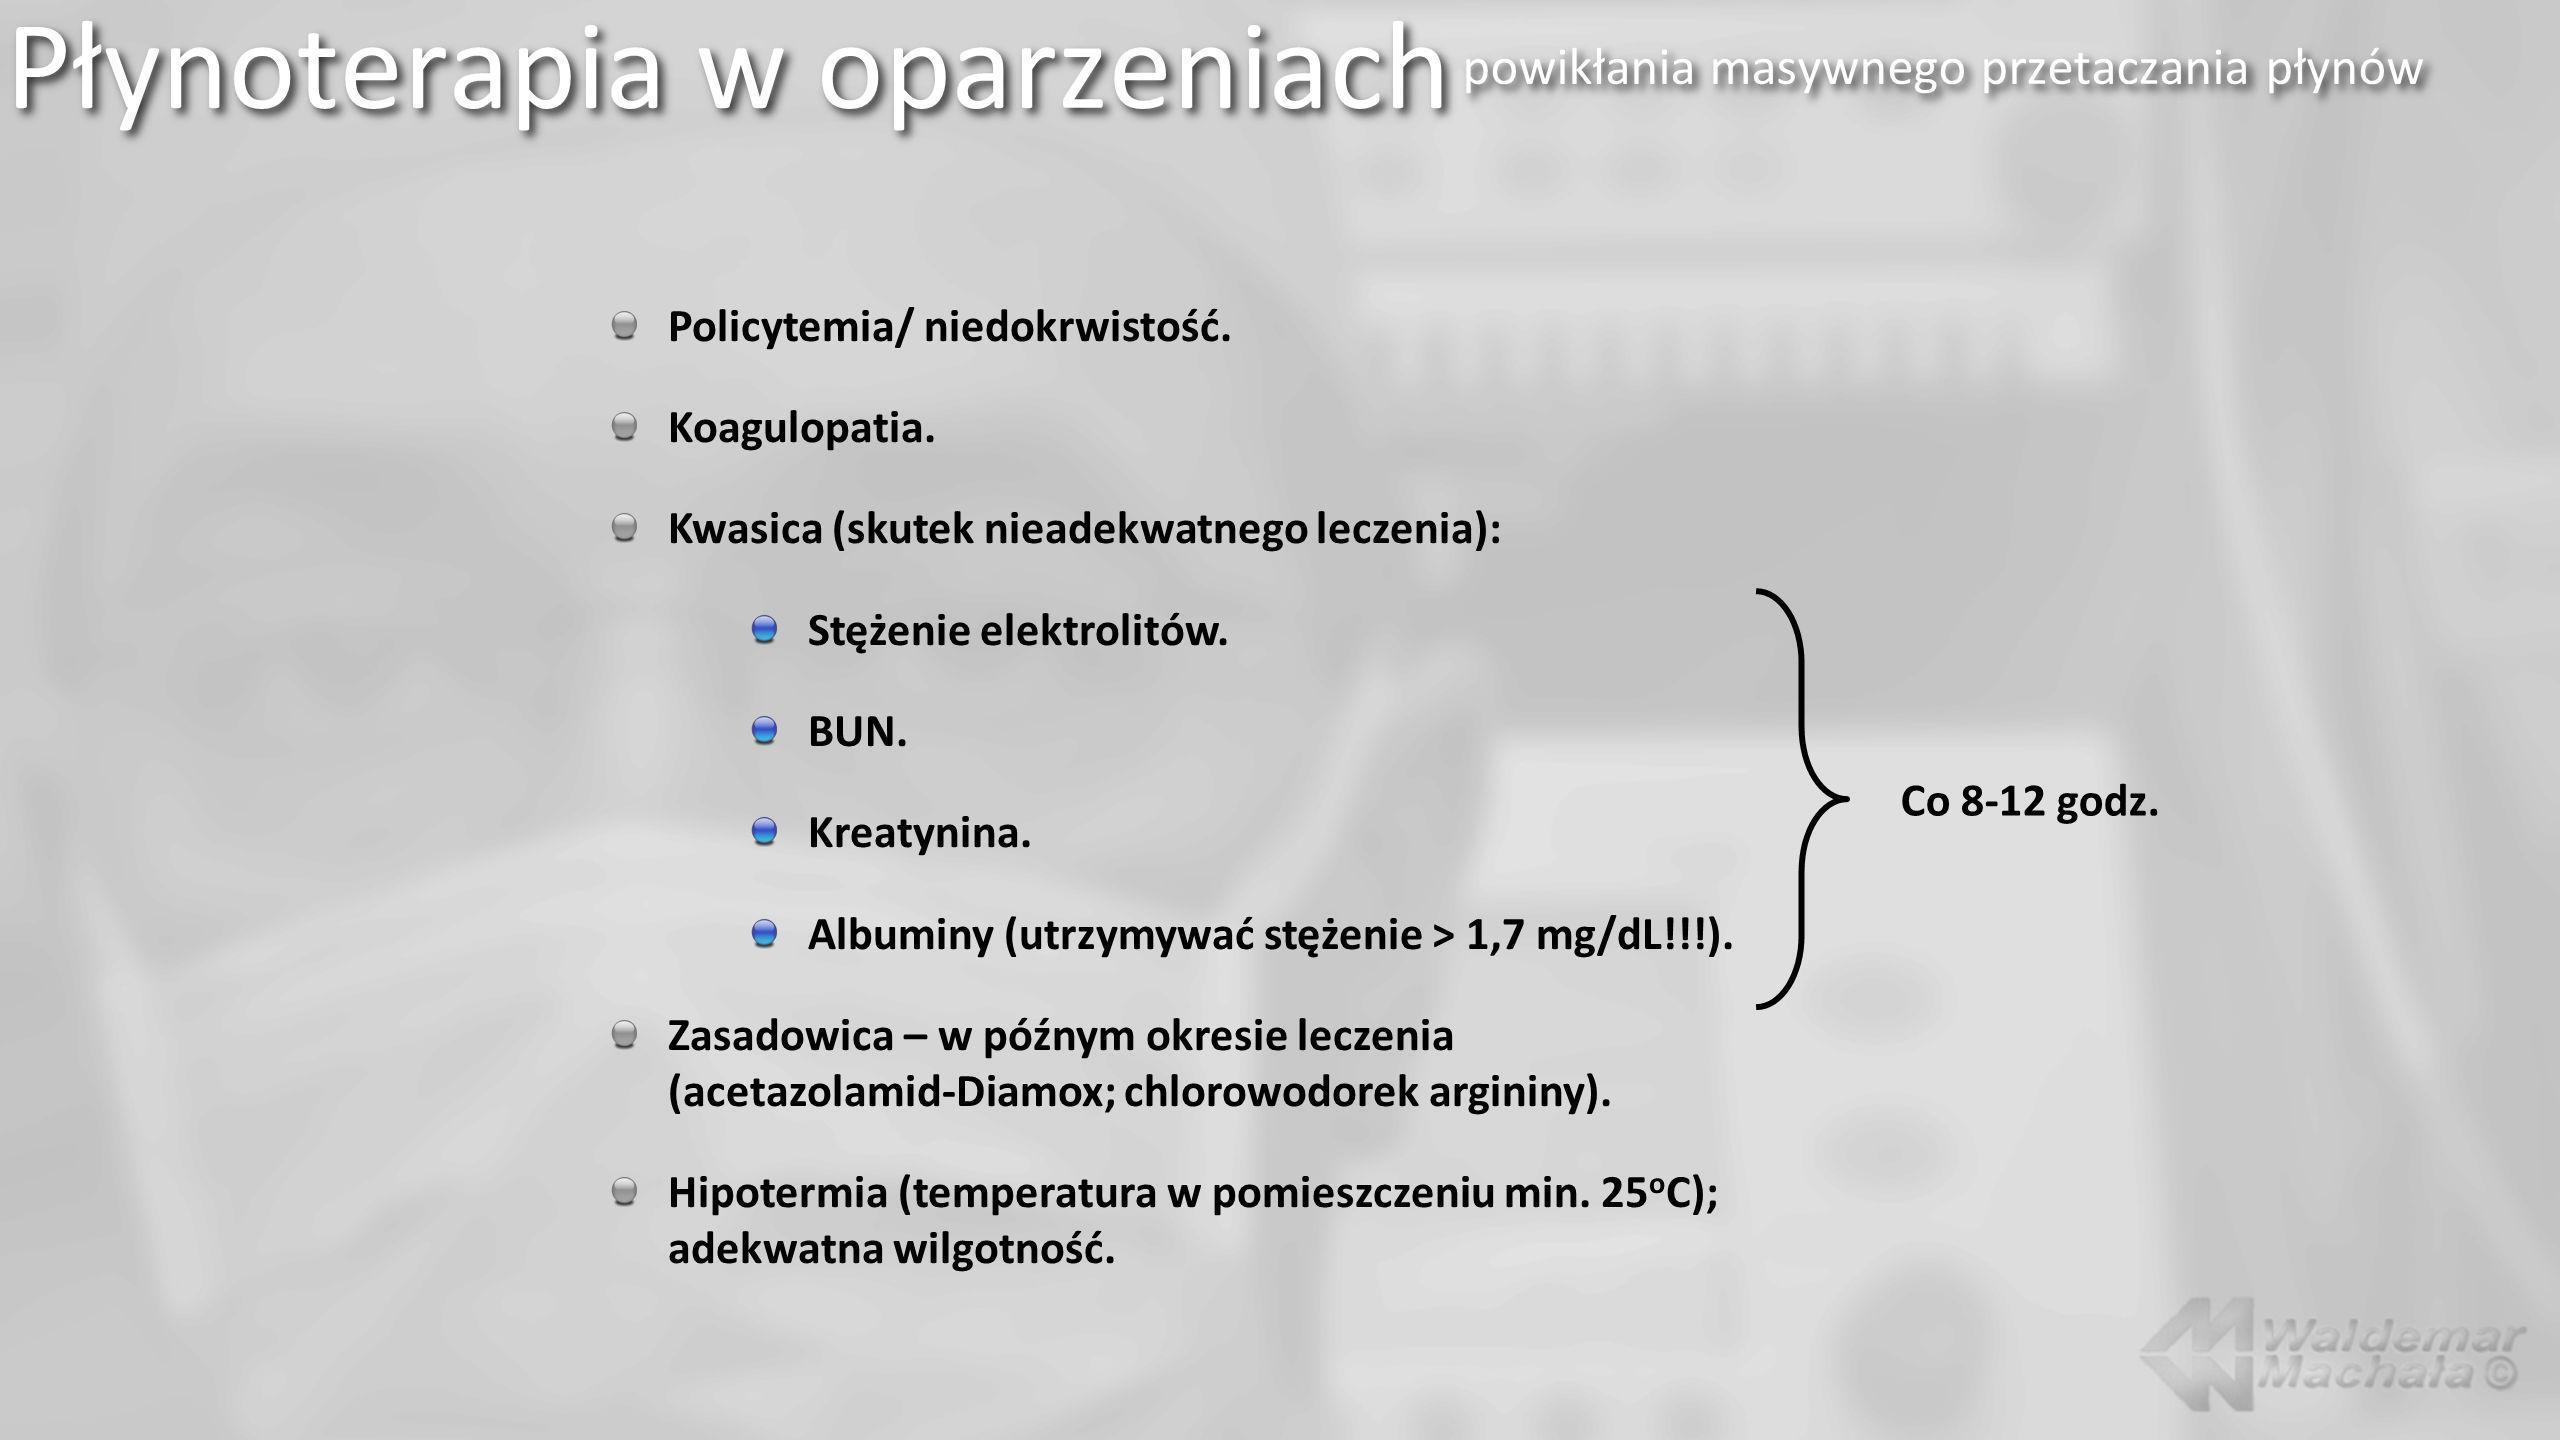 Płynoterapia w oparzeniach powikłania masywnego przetaczania płynów Policytemia/ niedokrwistość. Koagulopatia. Kwasica (skutek nieadekwatnego leczenia